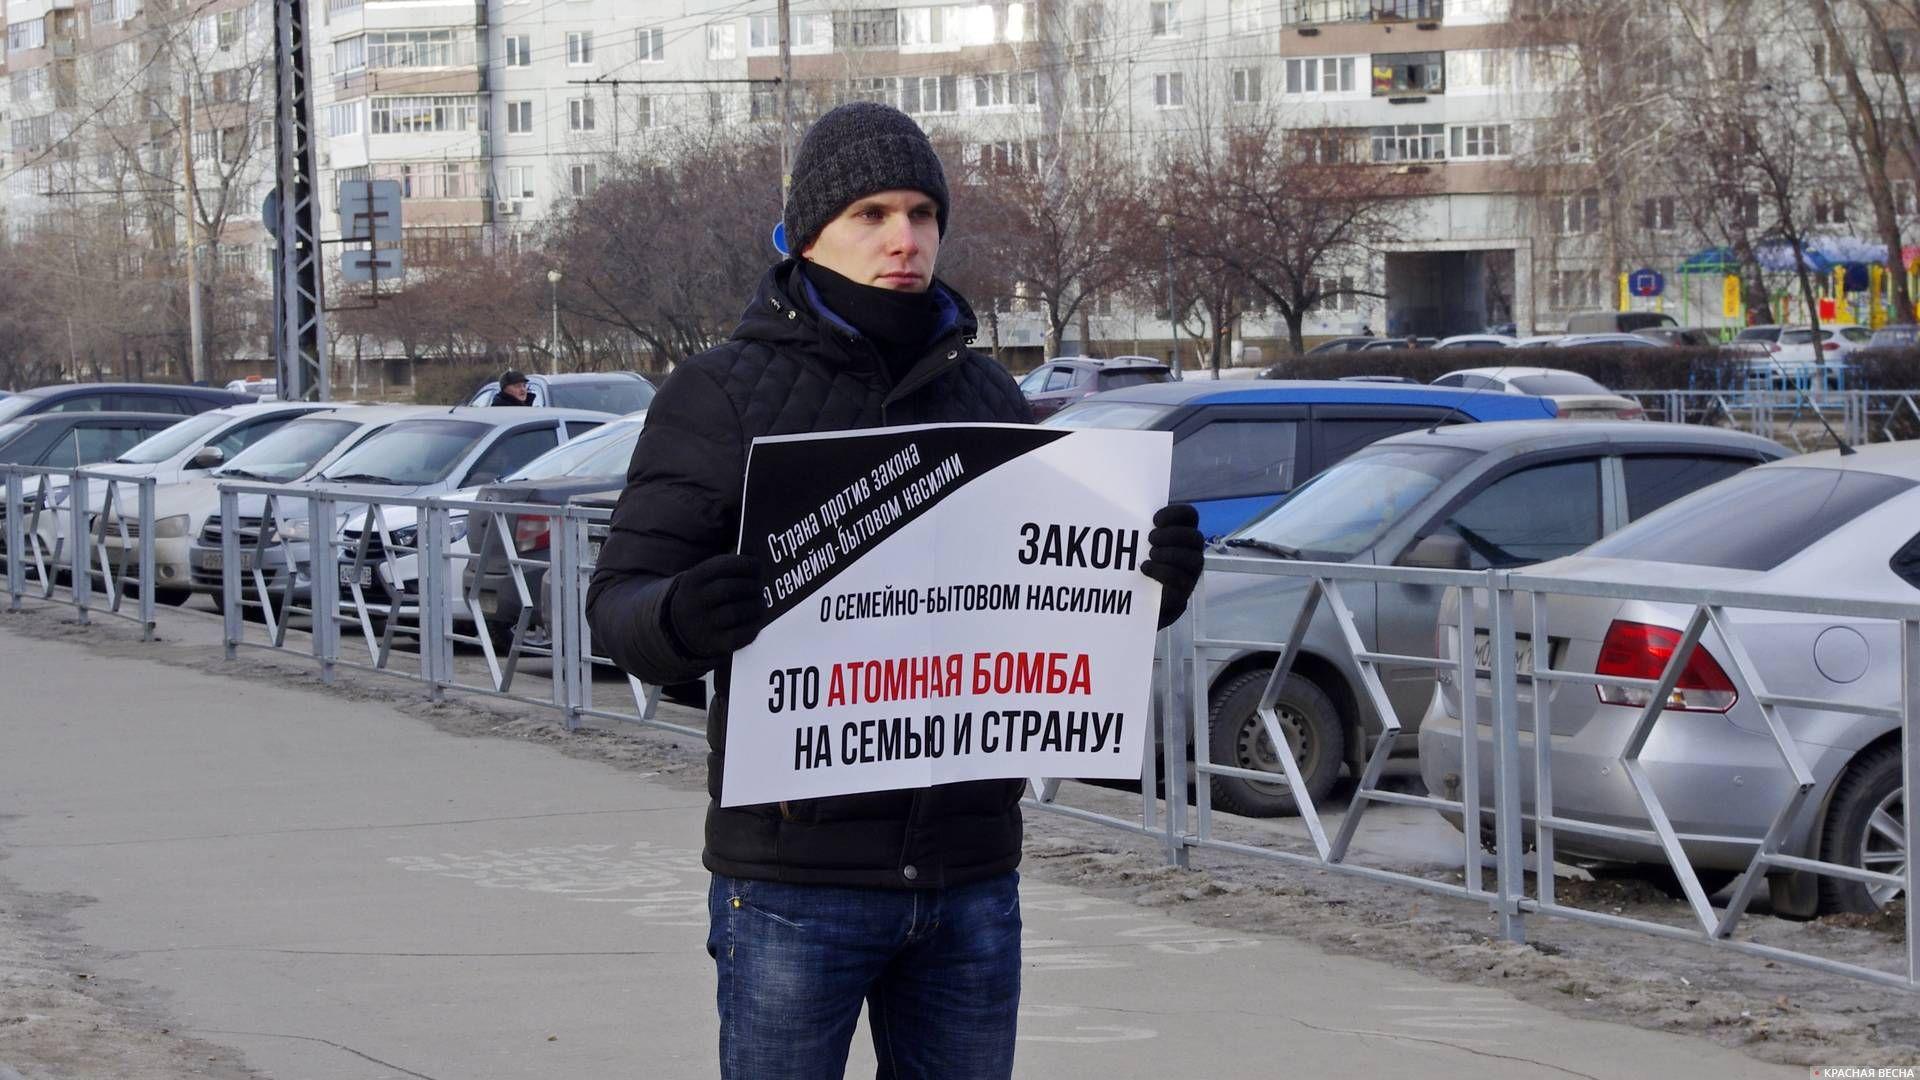 Пикет в Тольятти против закона о семейно-бытовом насилии